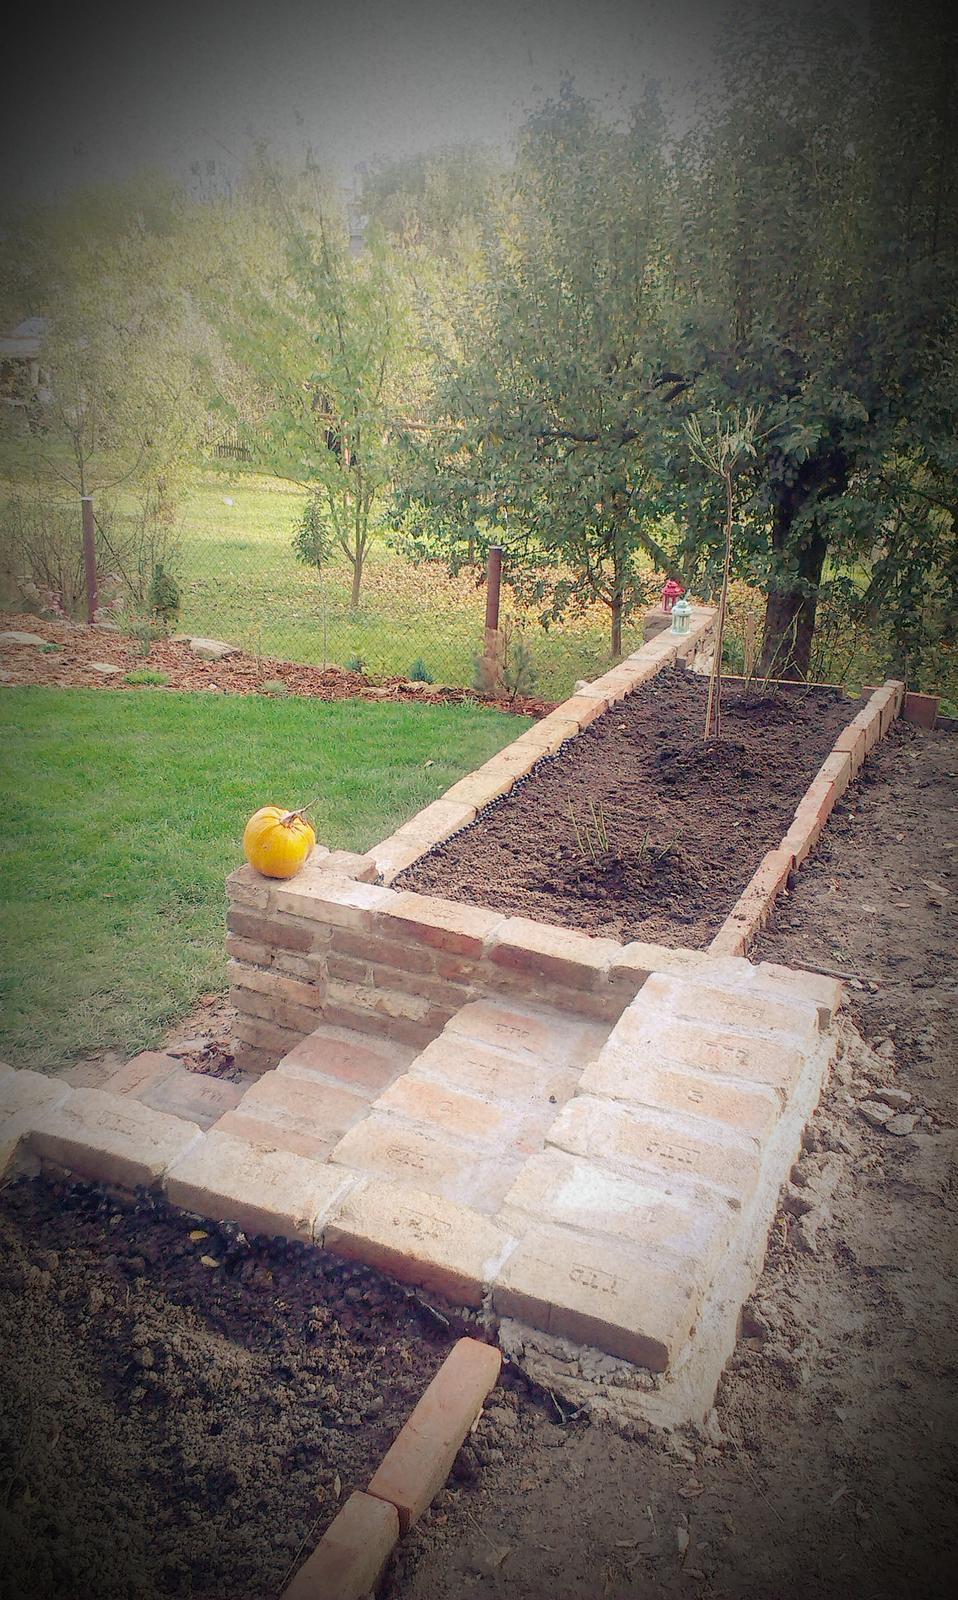 Záhrada - Obrázek č. 67